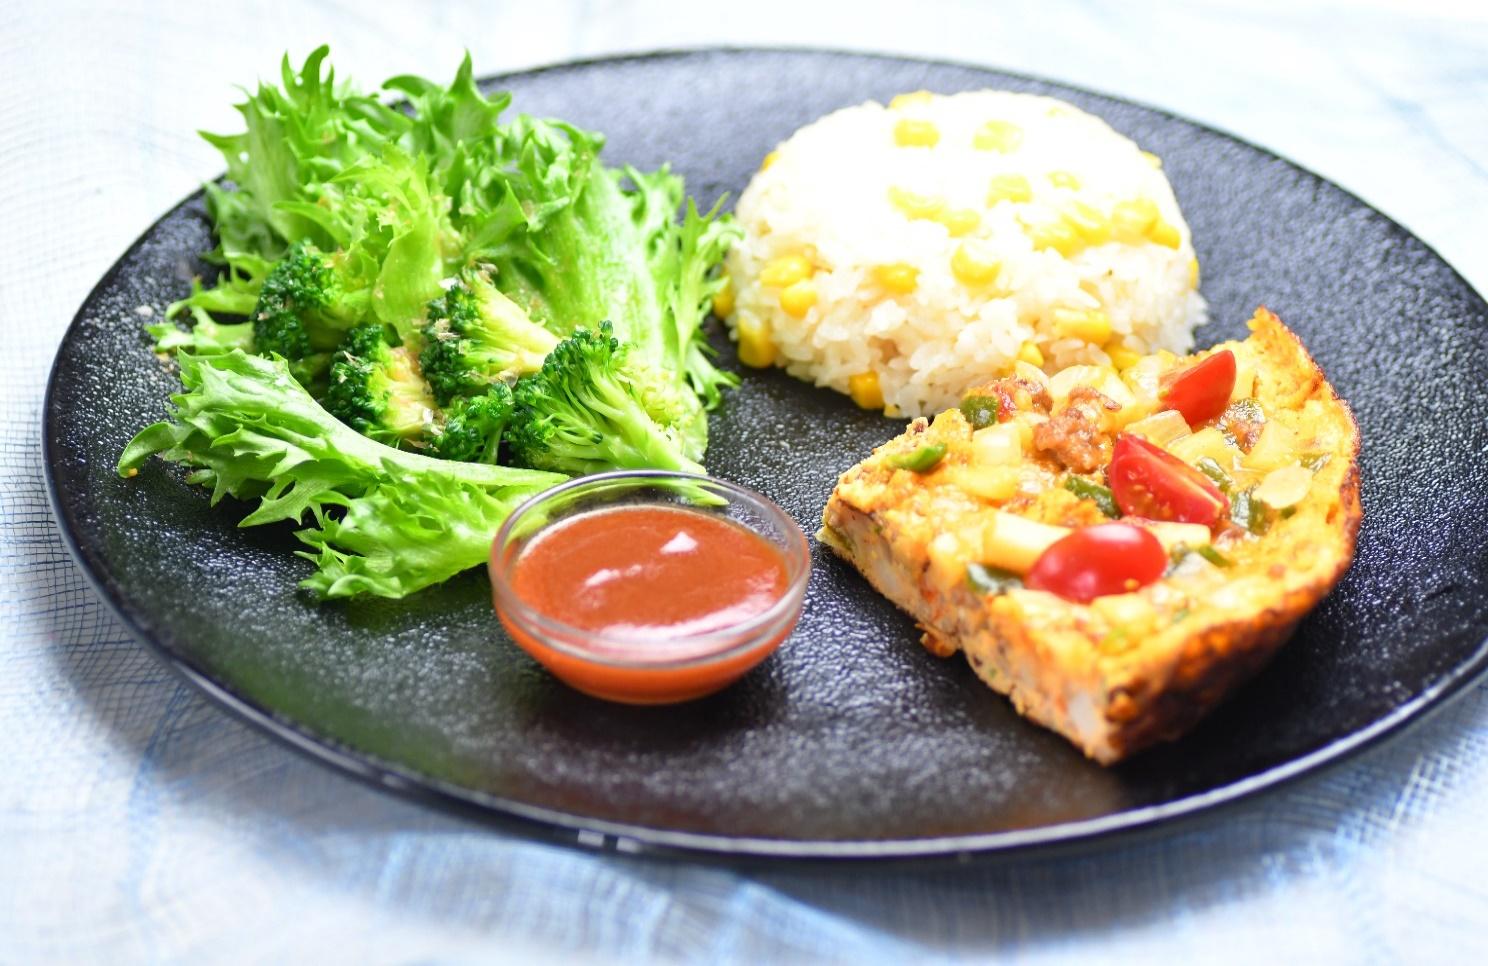 夏野菜のスペイン風オムレツカフェ風